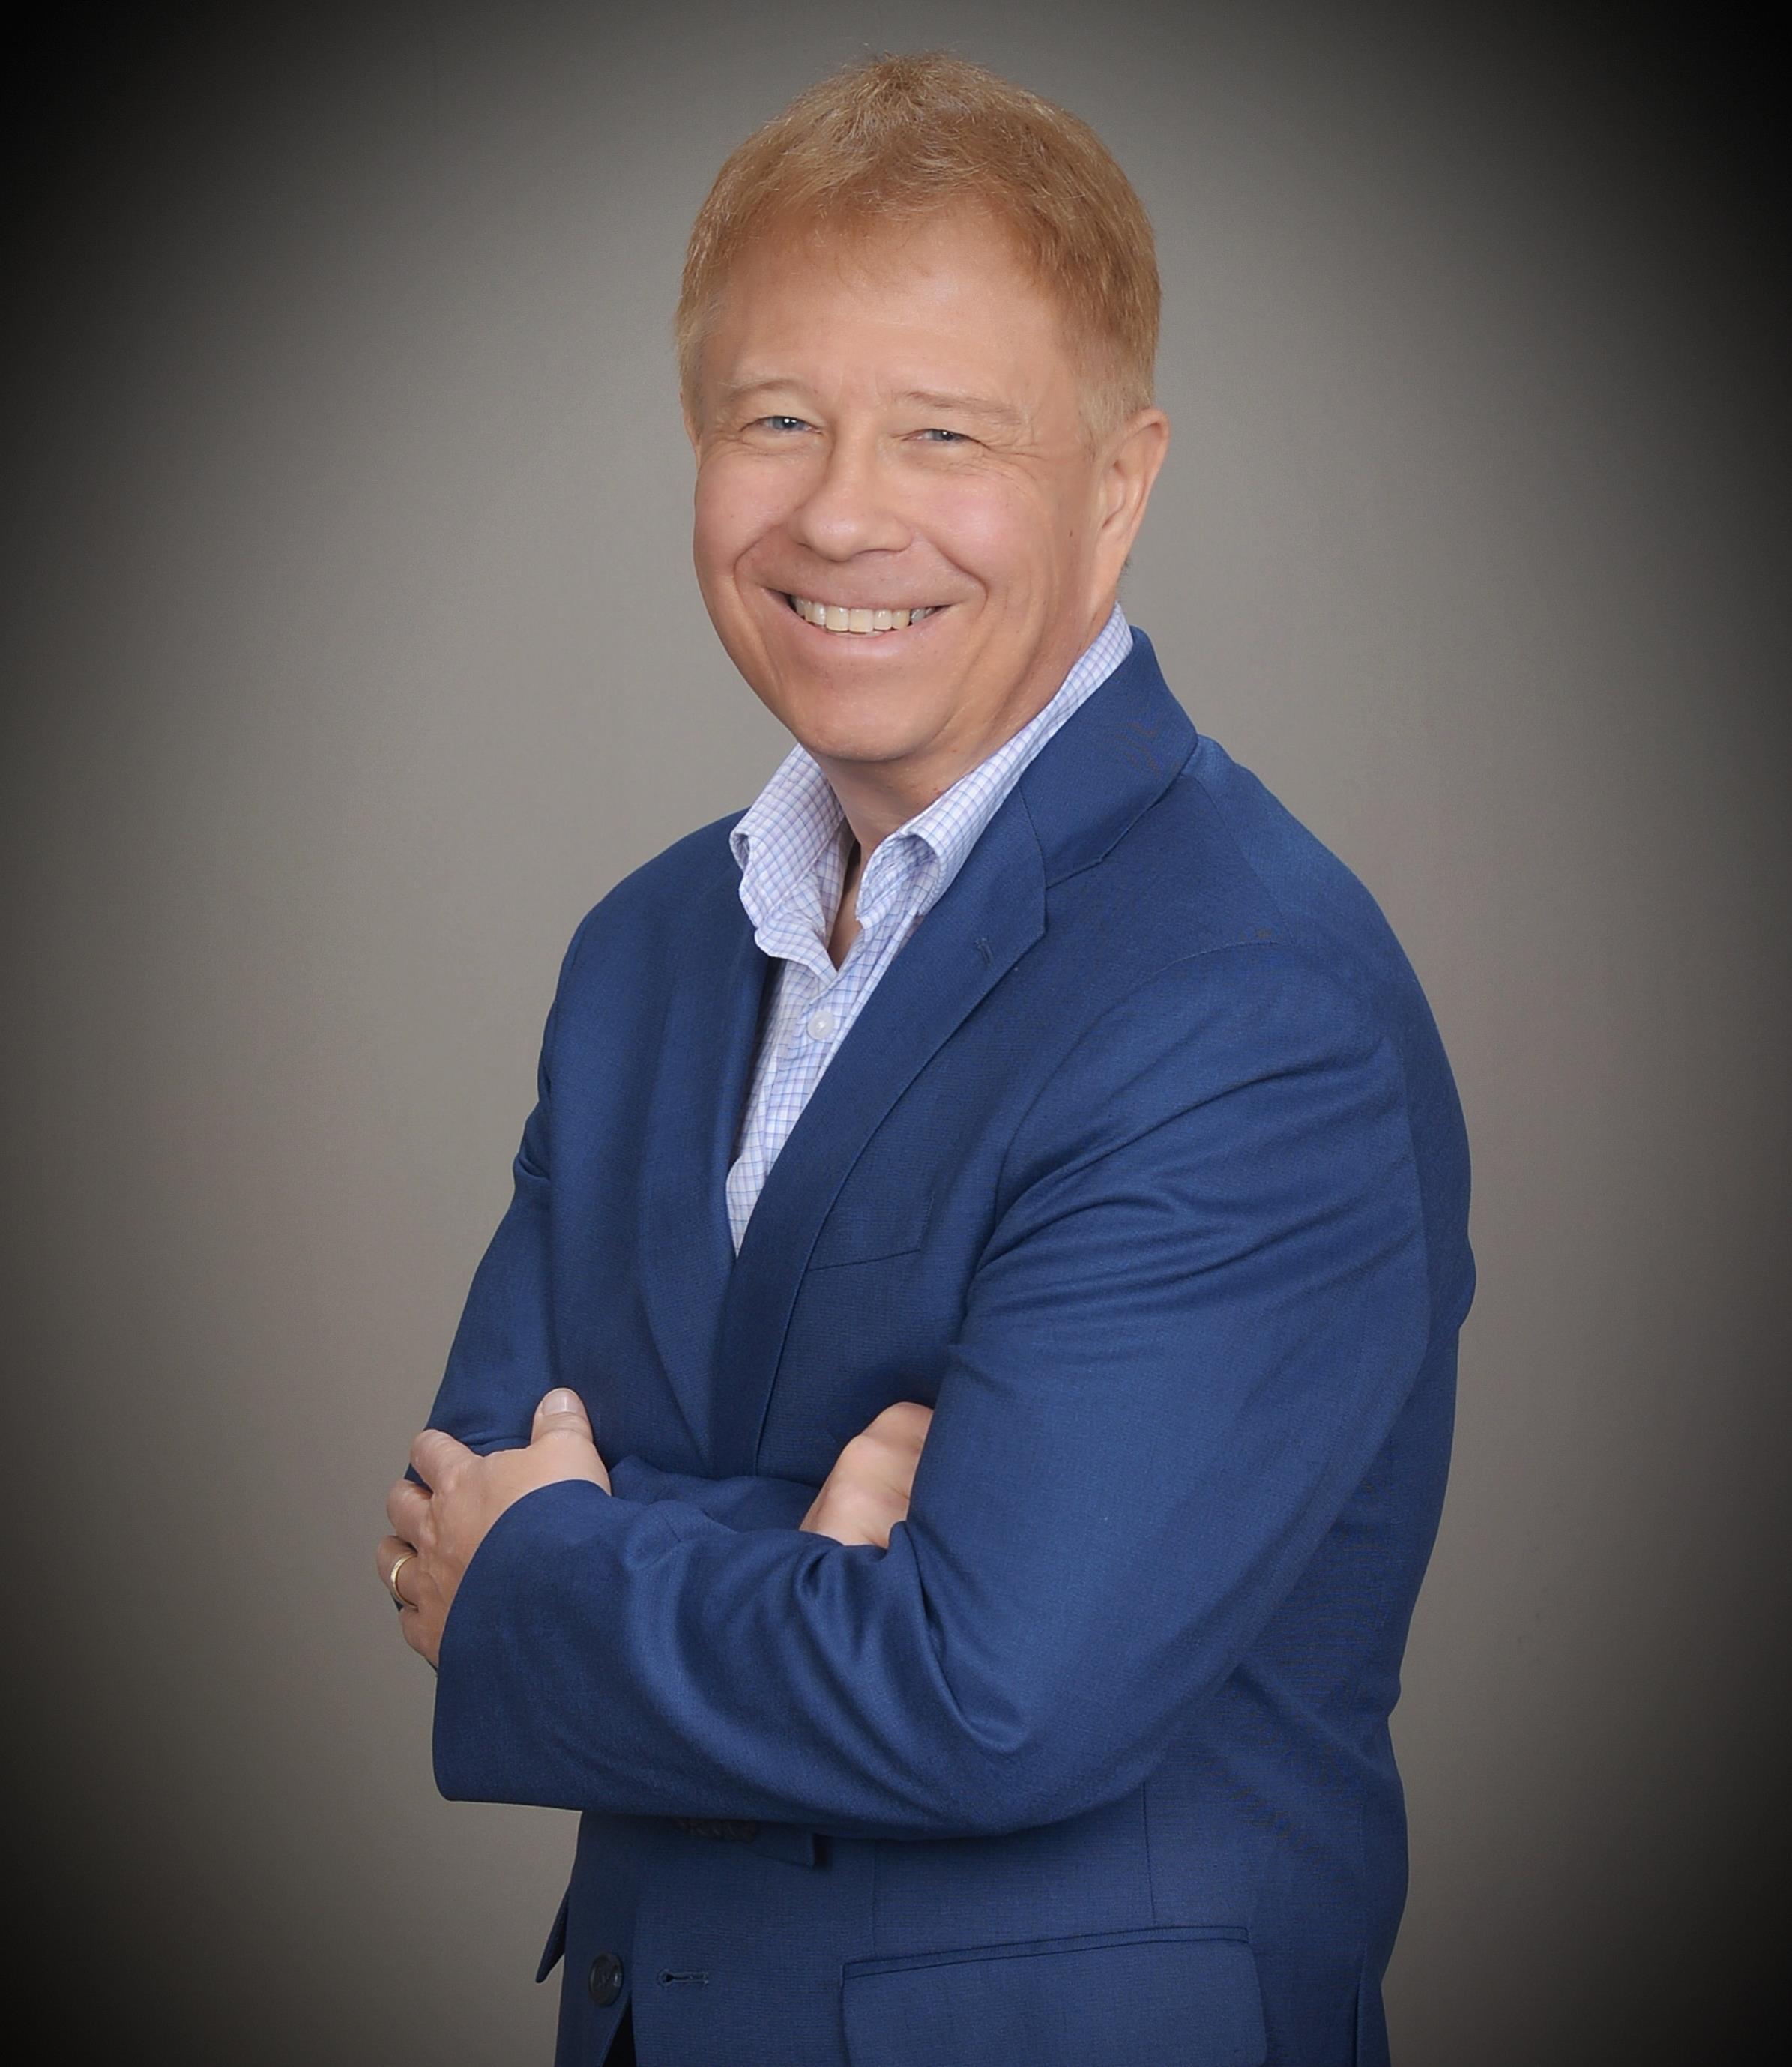 Dean G. Hanson